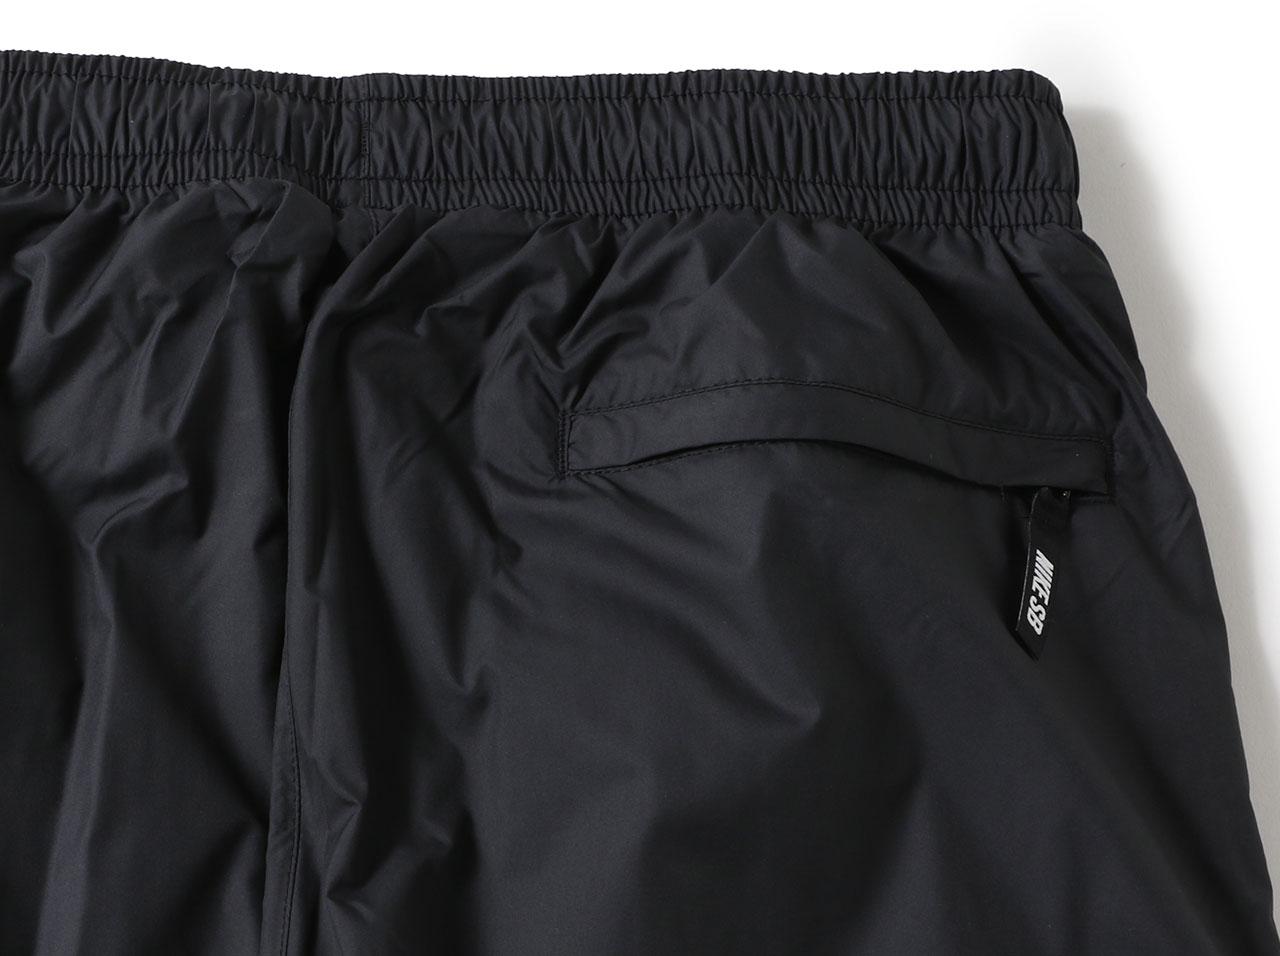 【SALE】NIKE SB SHIELD SWOOSH TRACK PANTS - BLACK/WHITE